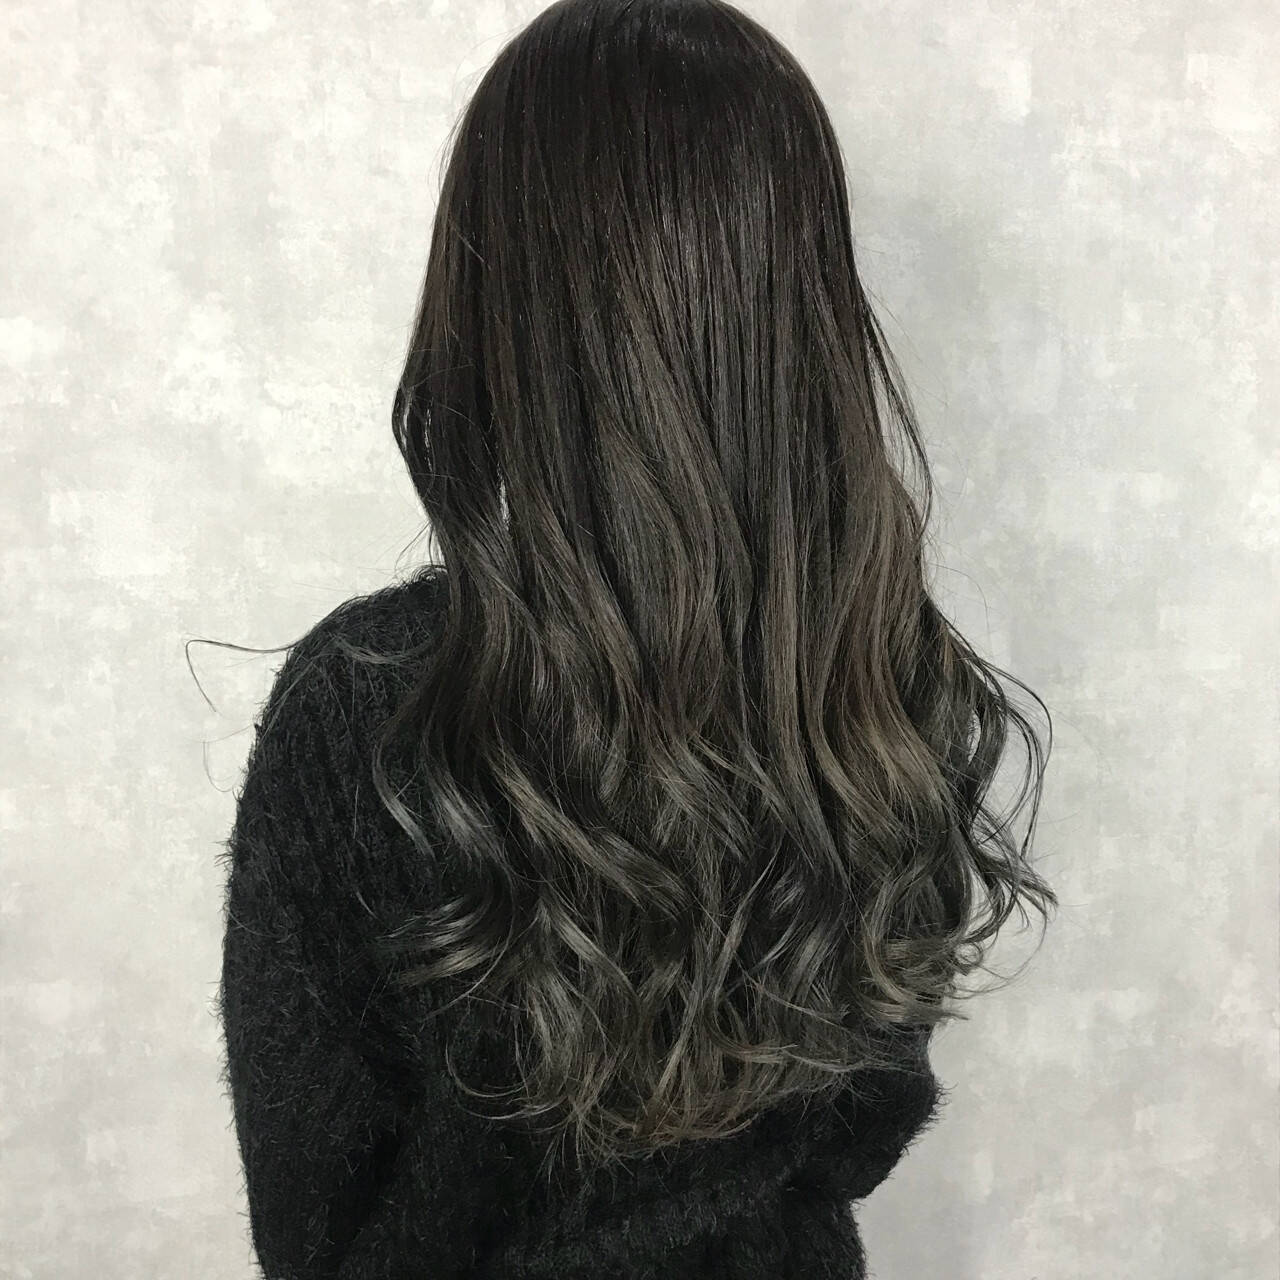 透明感 ロング 黒髪 グレージュヘアスタイルや髪型の写真・画像